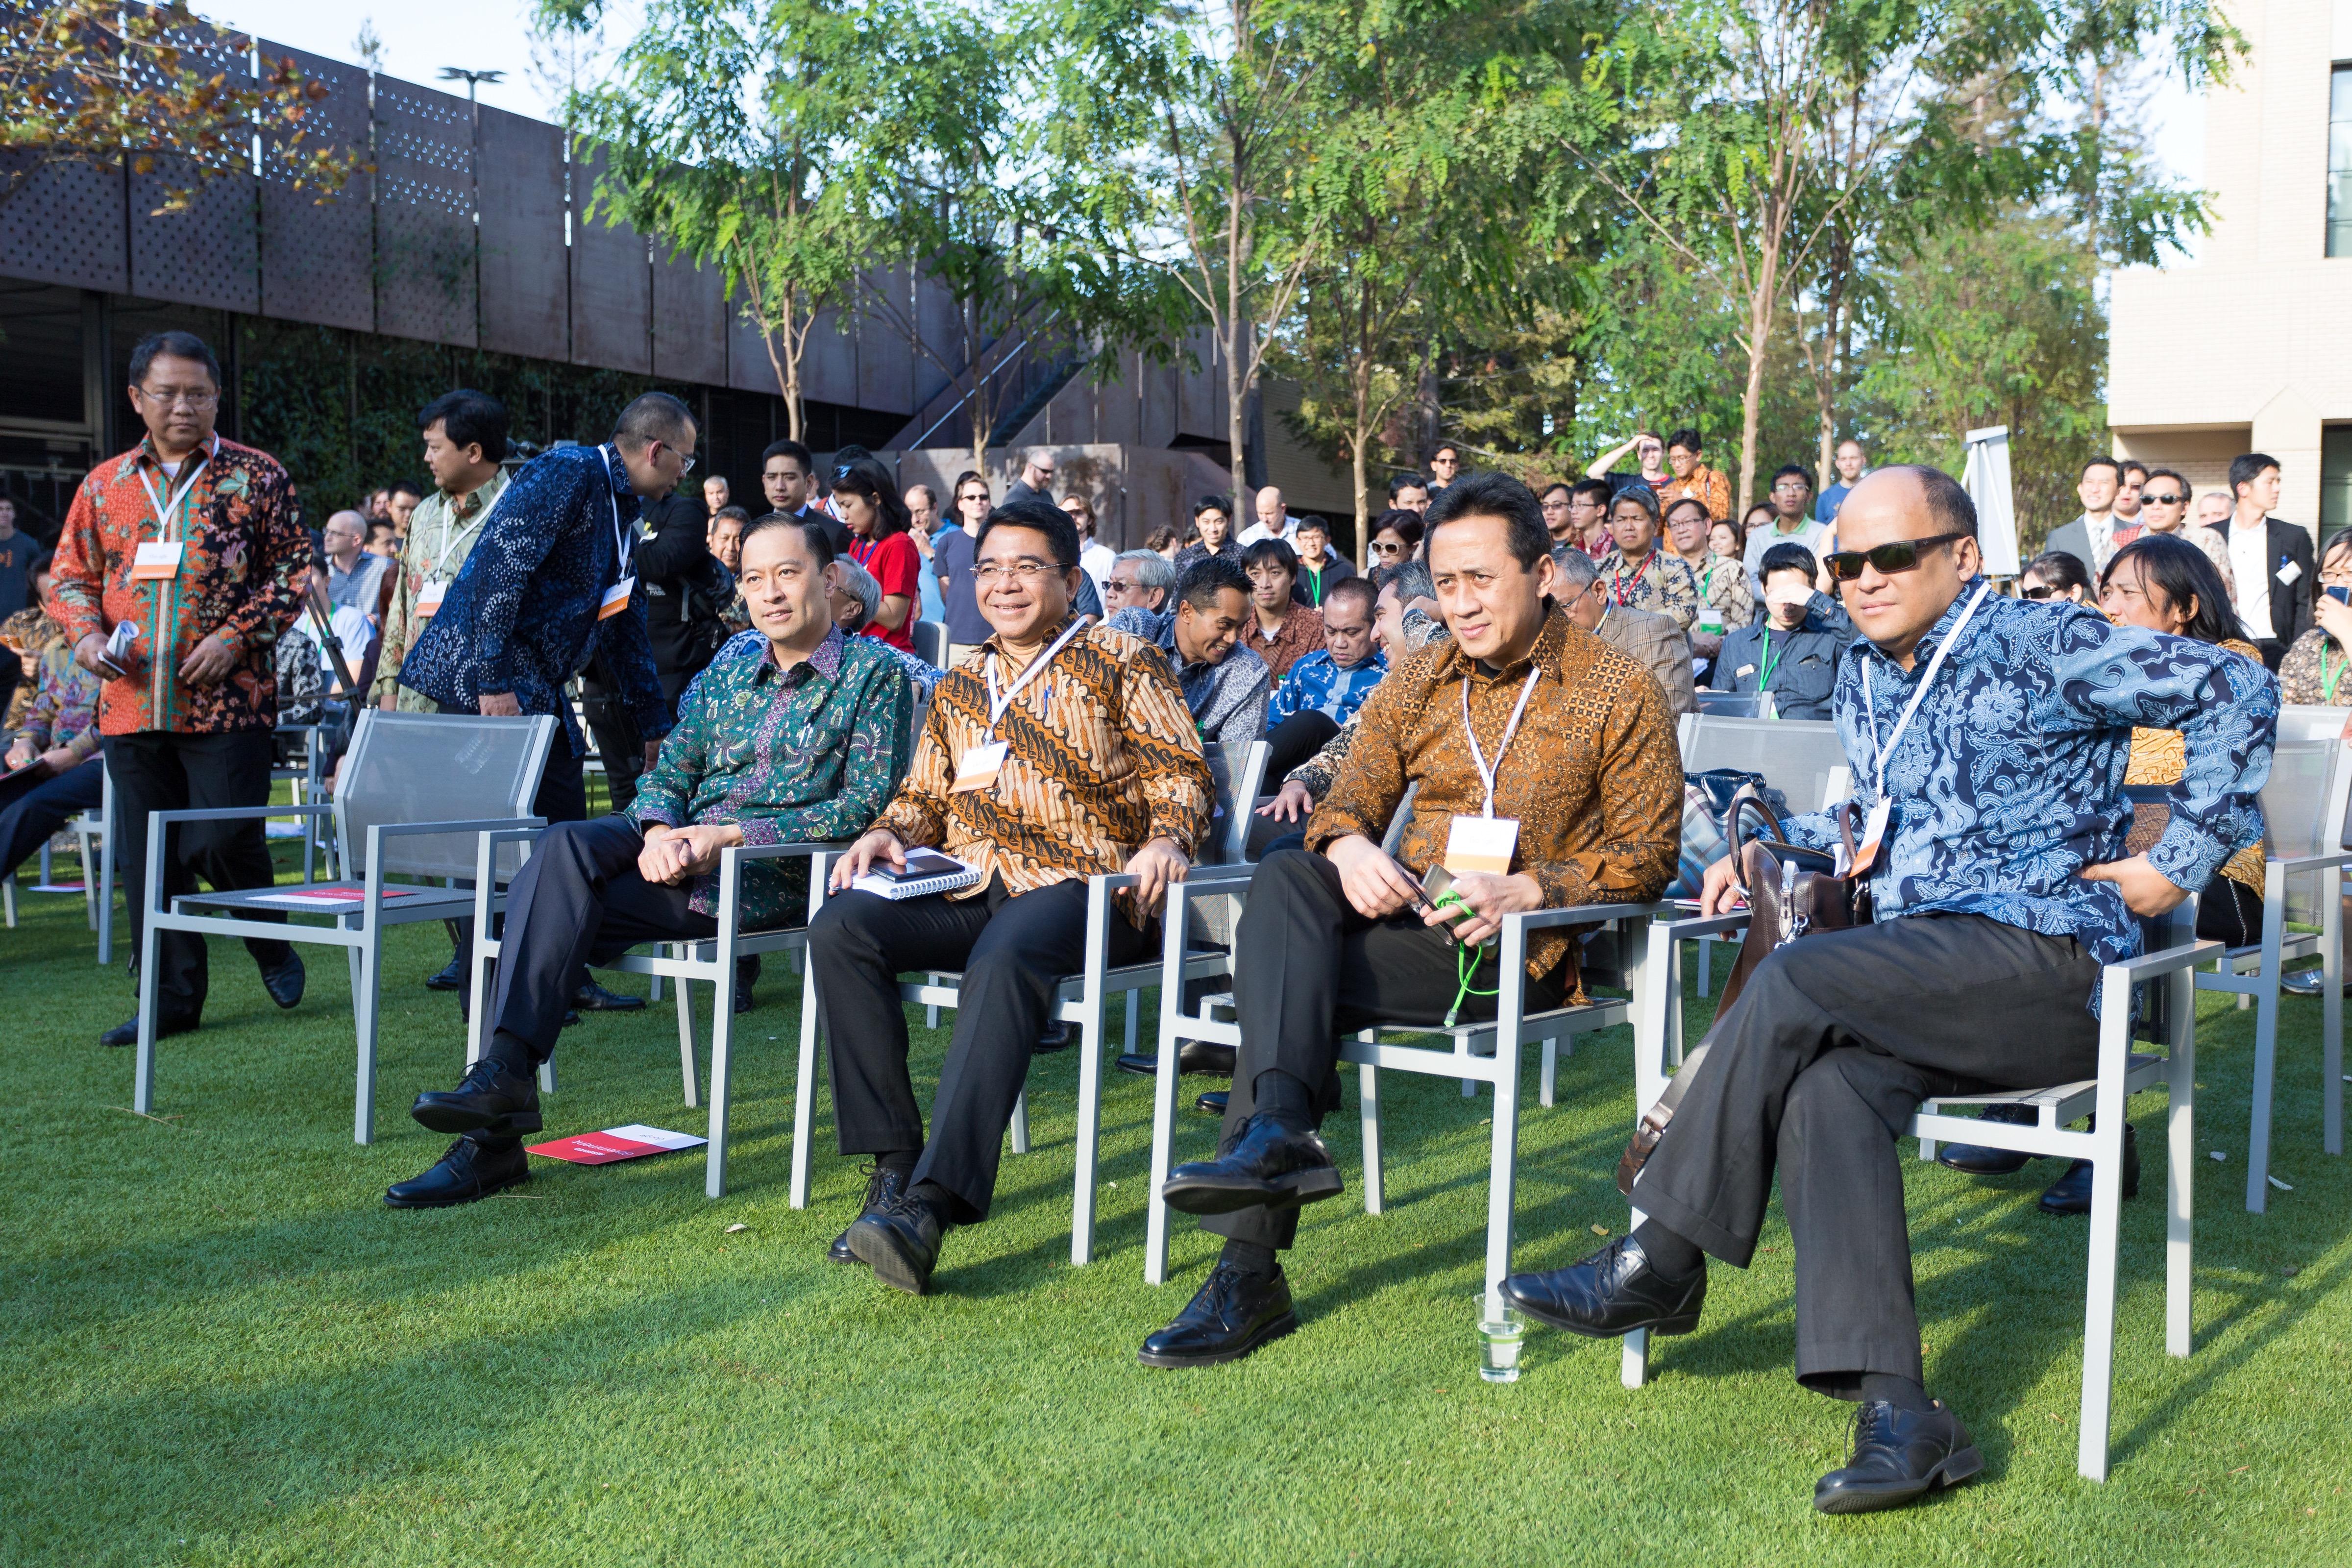 Indo delegation visit to SV - 77 of 115